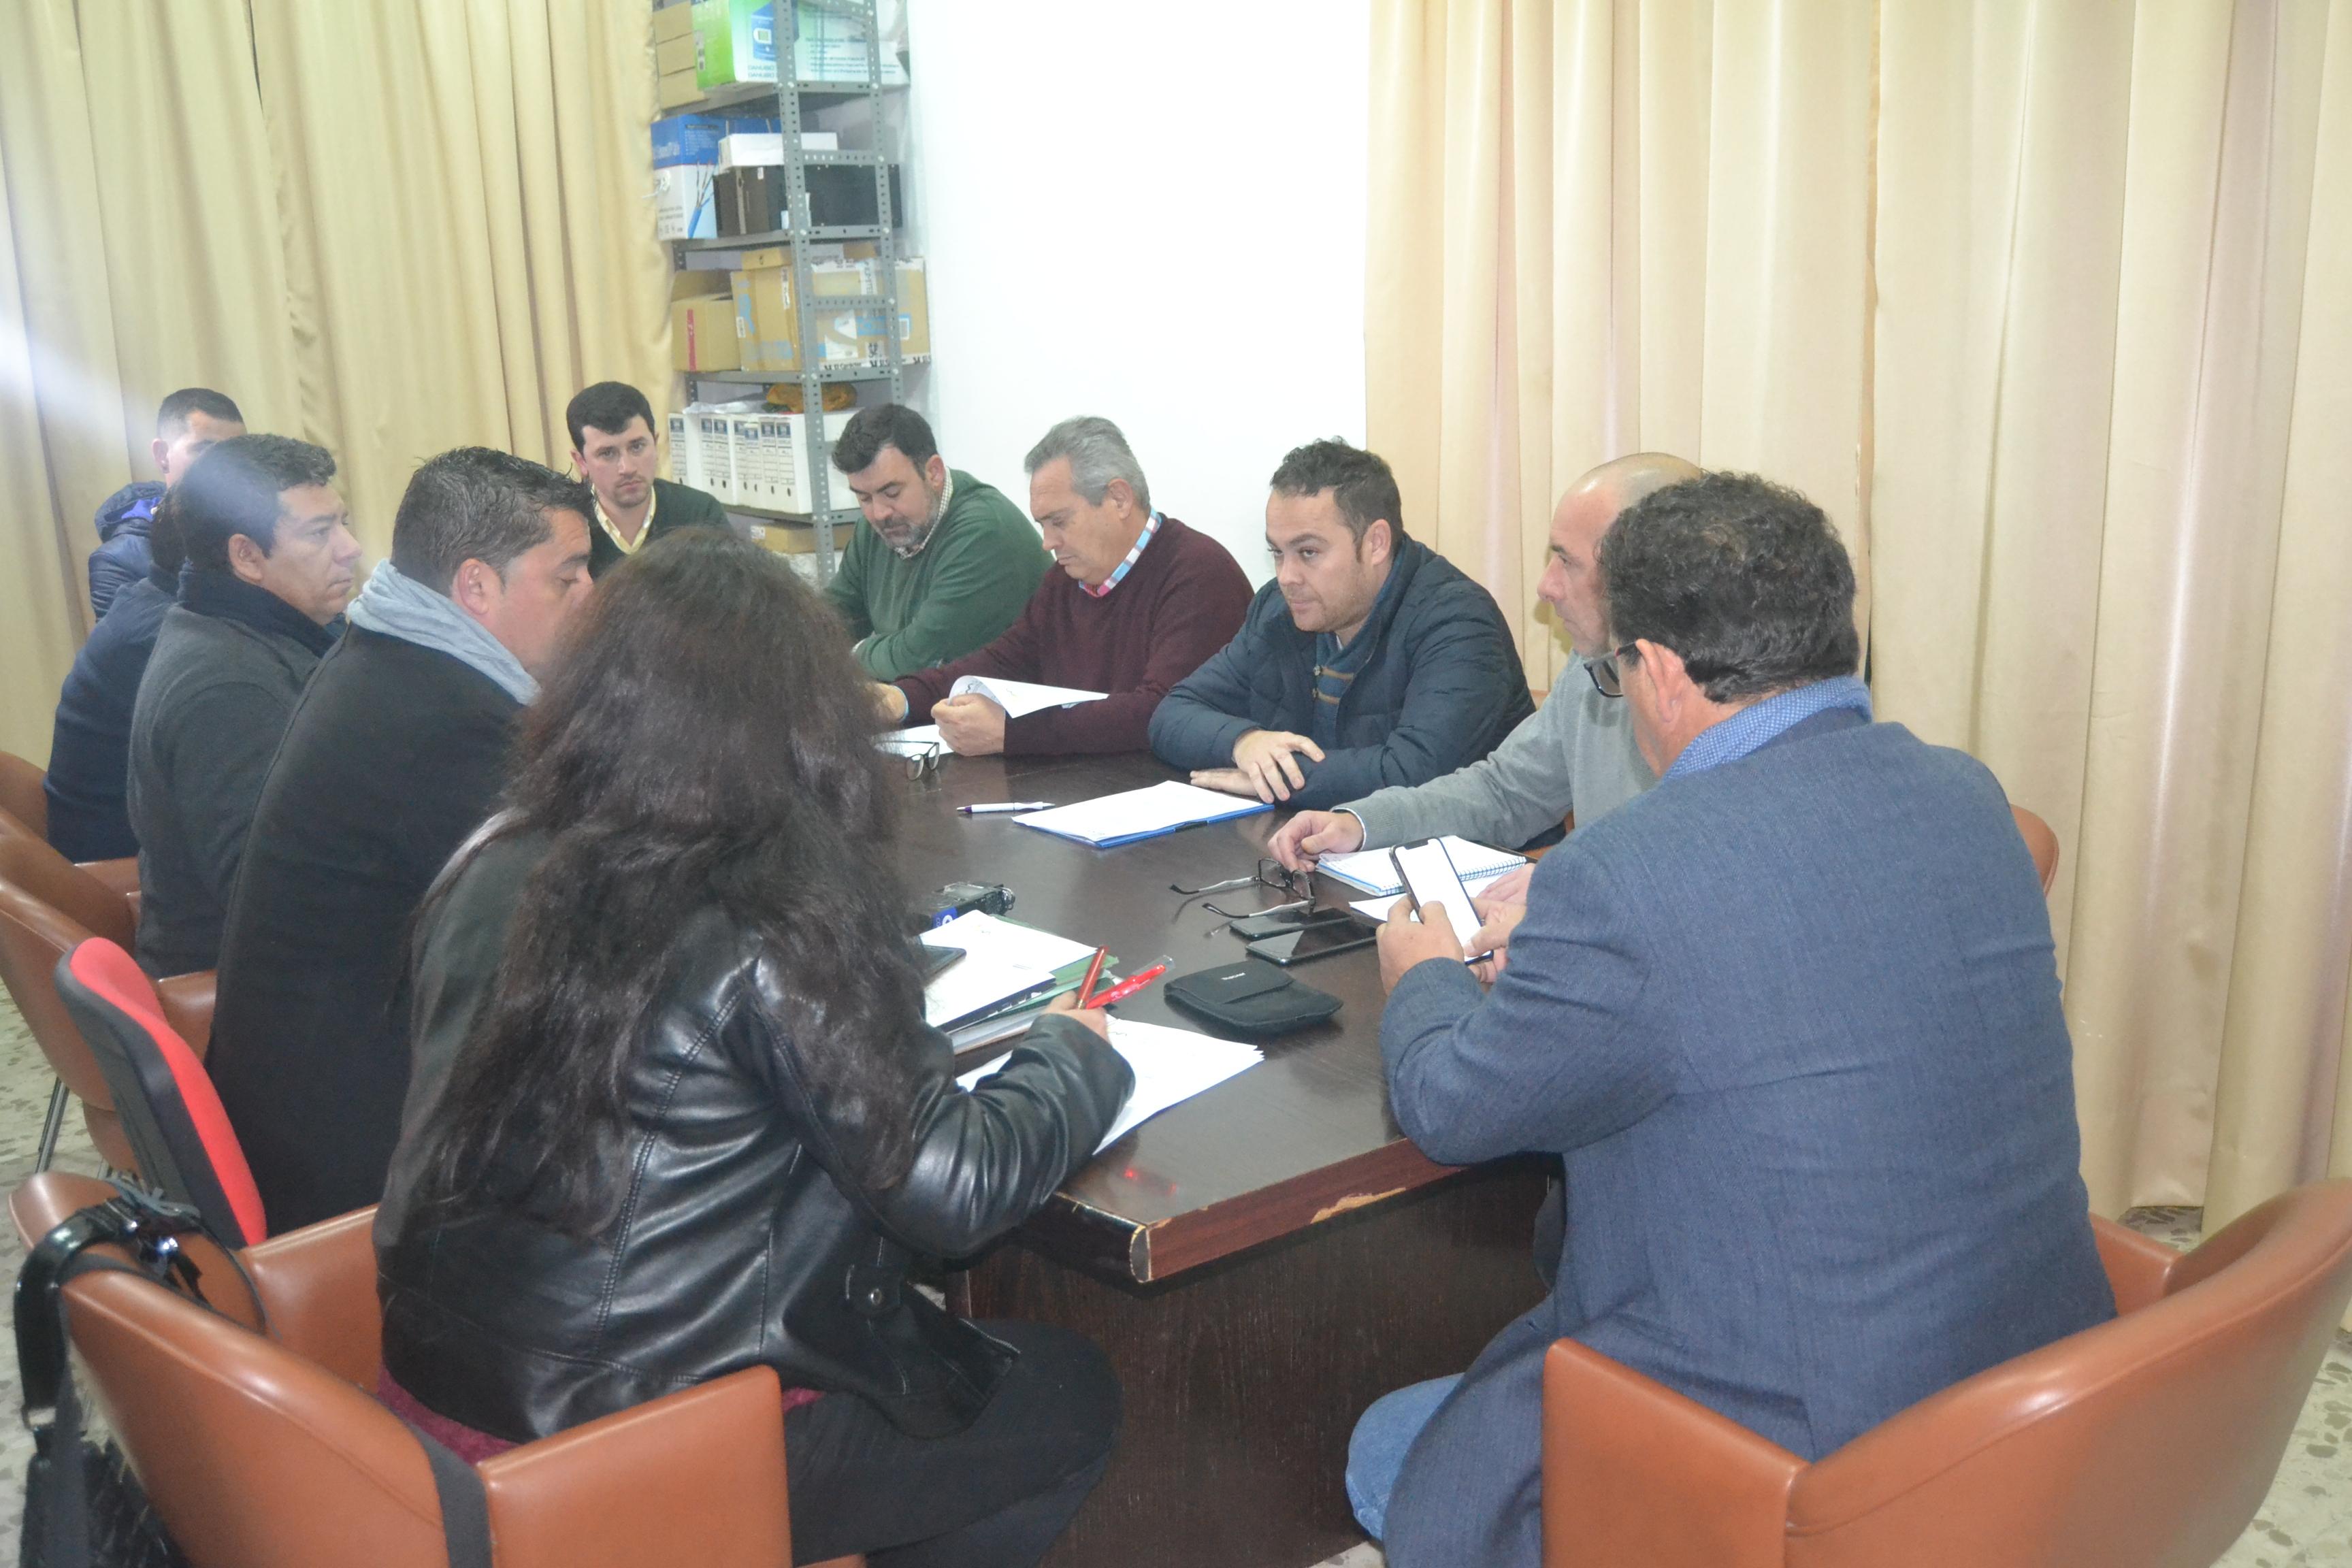 Los alcaldes de la Sierra Morena de Sevilla anuncian acciones de fuerza contra el problema de los cortes de suministro eléctrico